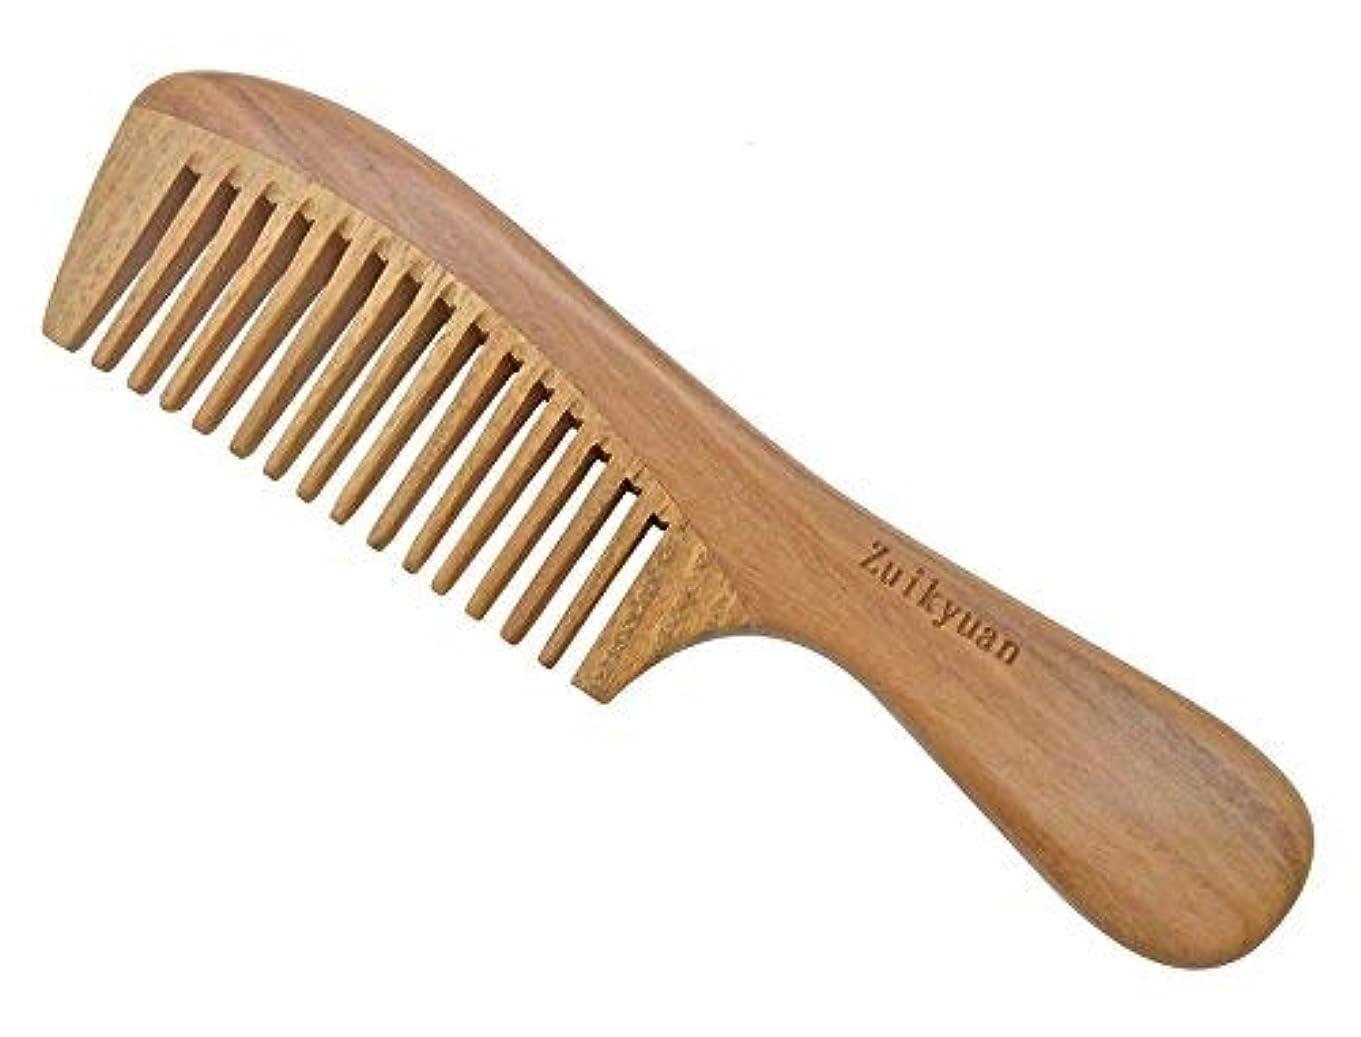 農学可聴影響力のあるSandalwood Wide Tooth Hair Comb Handmade Wooden comb with Premium Gift Box [並行輸入品]